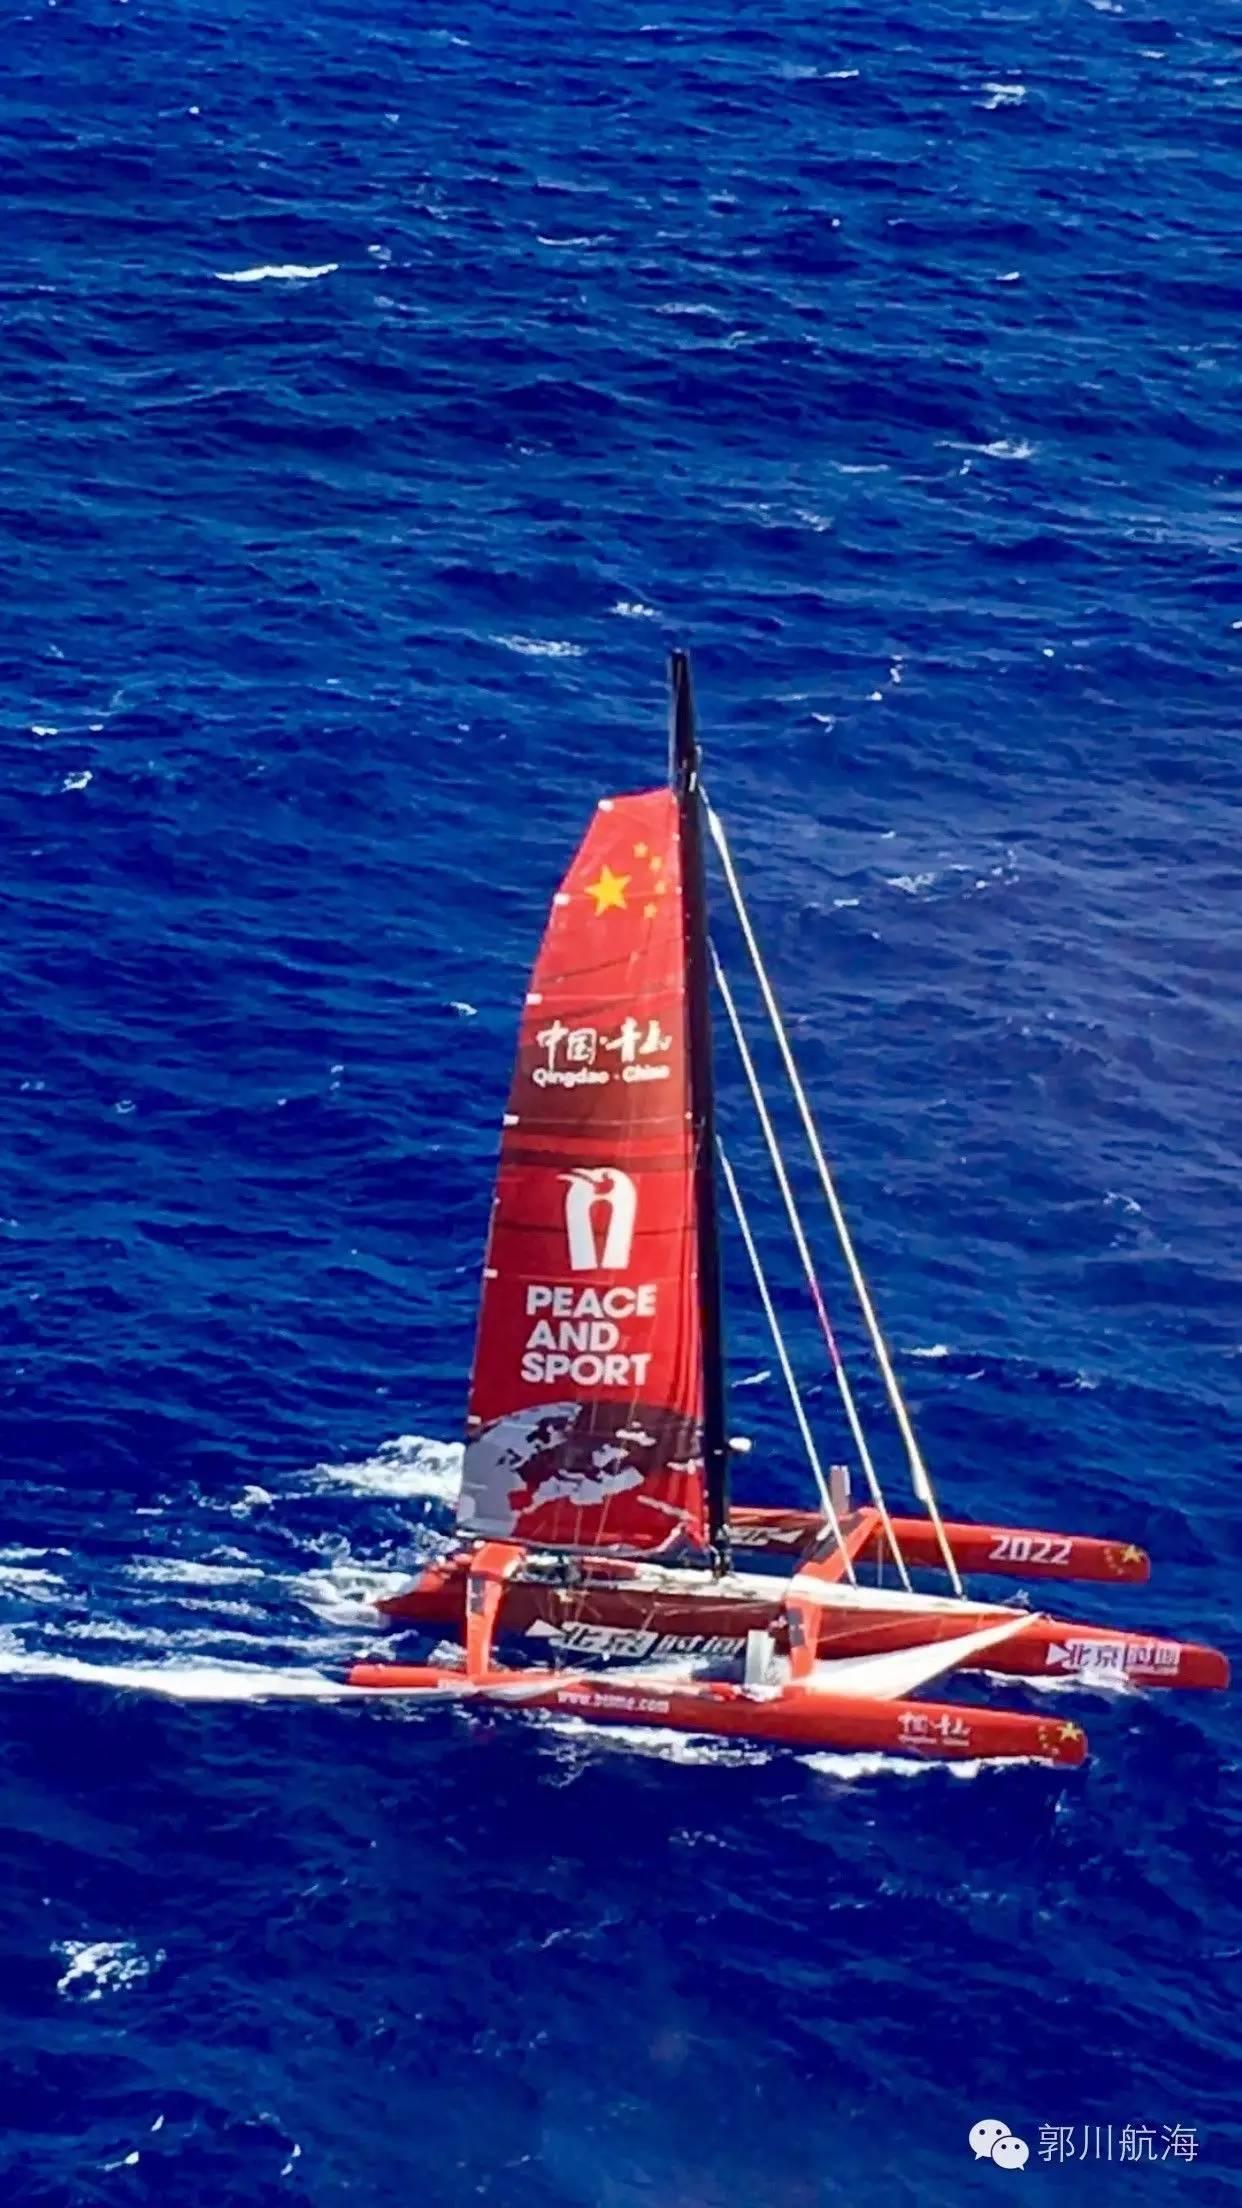 夏威夷,青岛旅游,最新动态,营救计划,专家团 10月31日搜救最新动态:救人救船 马不停蹄 6cd0d75b33994ce88a628d4c895d7892.jpg